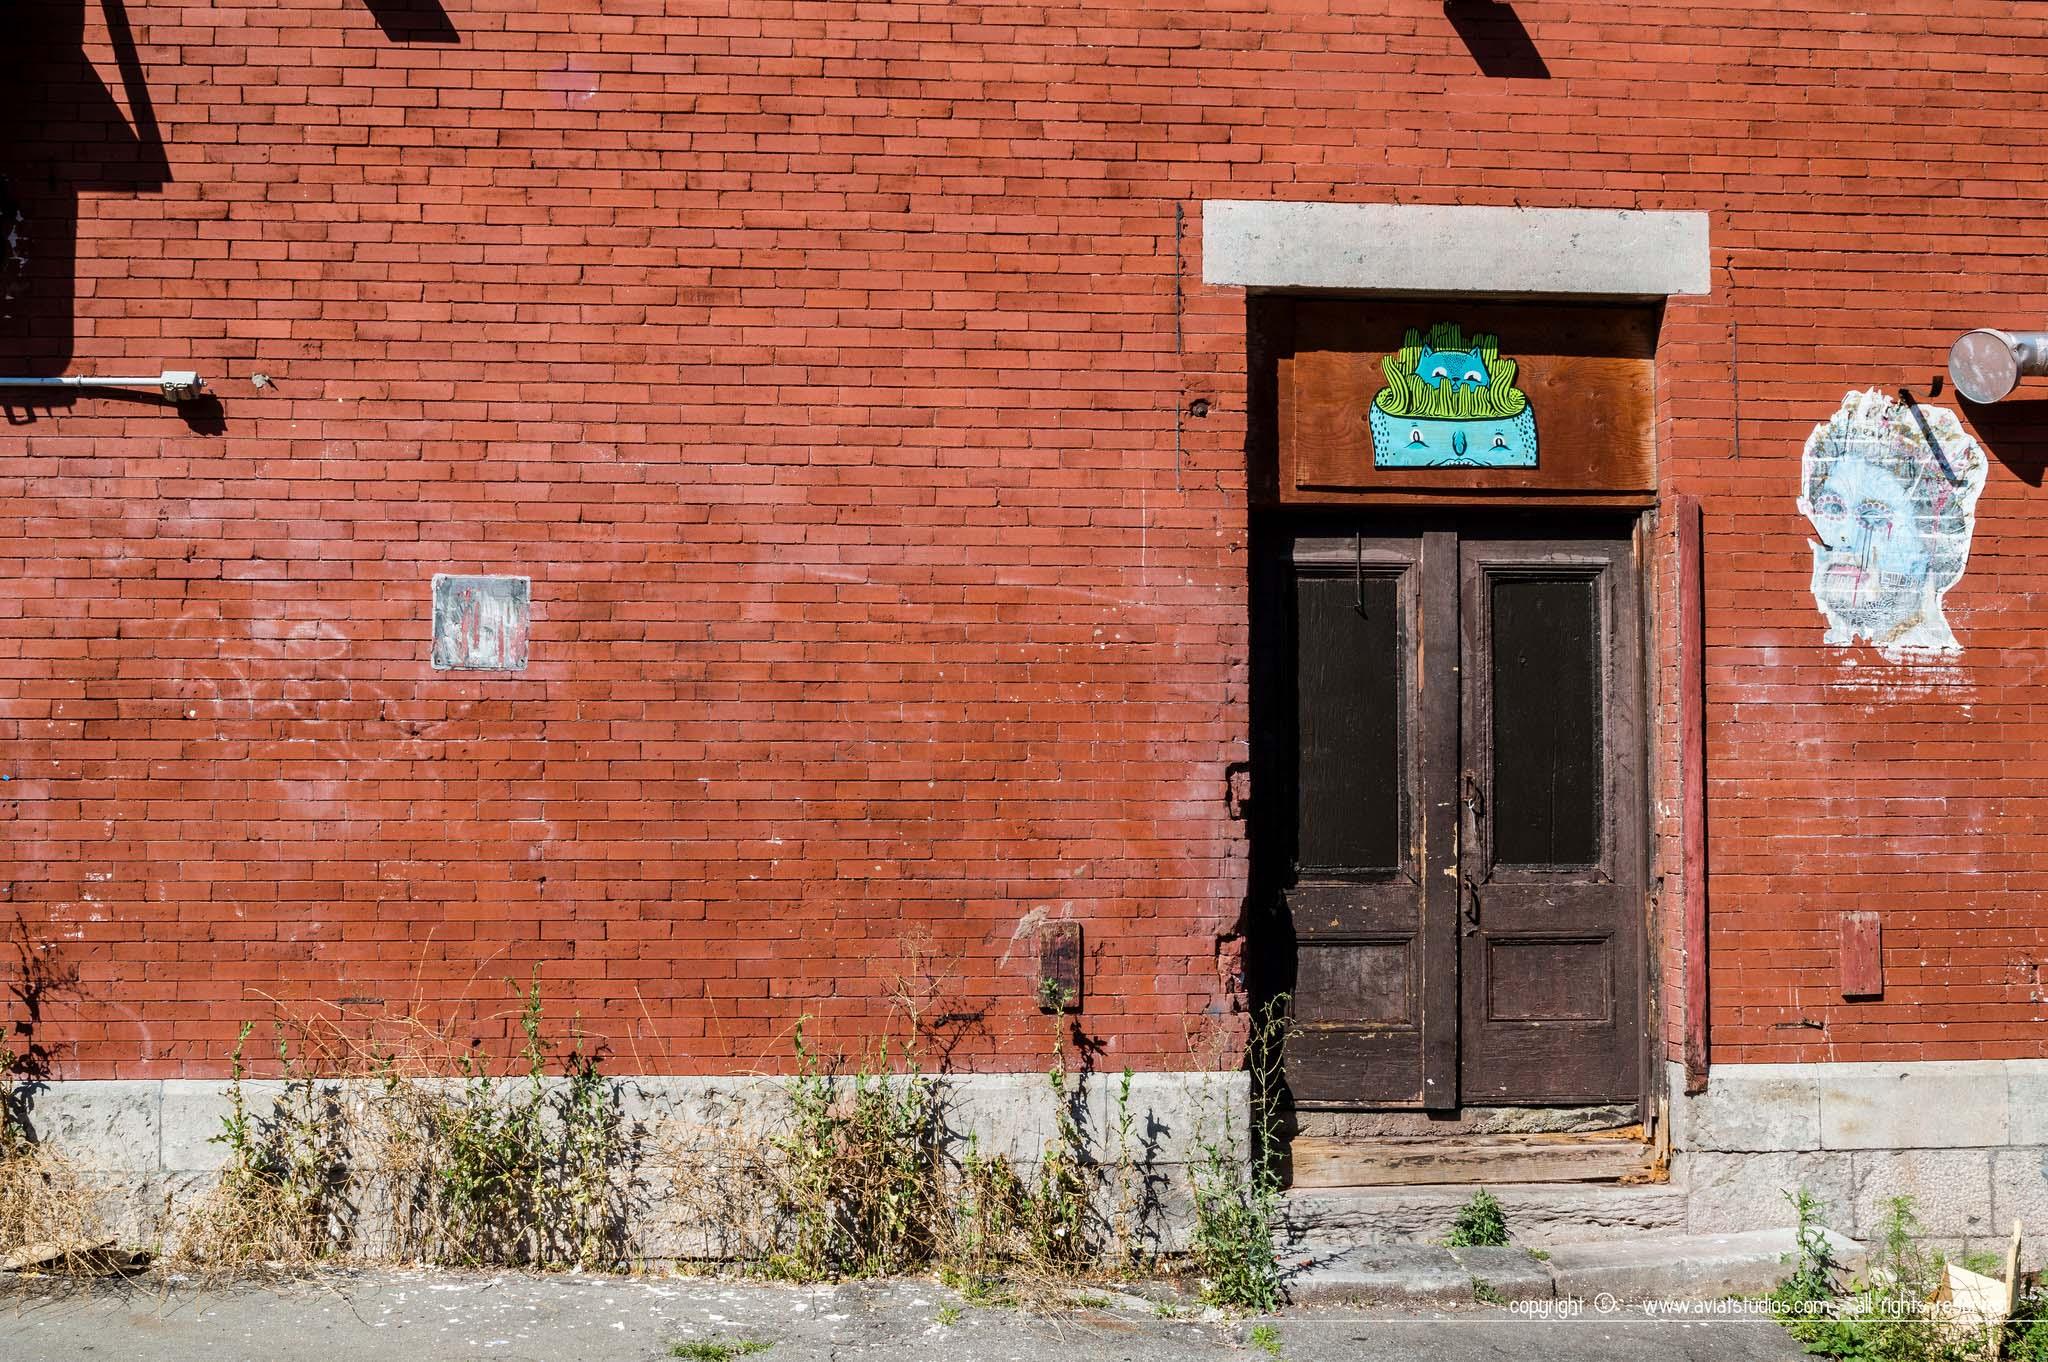 Voyage à Montréal - un mur typique en brique rouge avec du street art